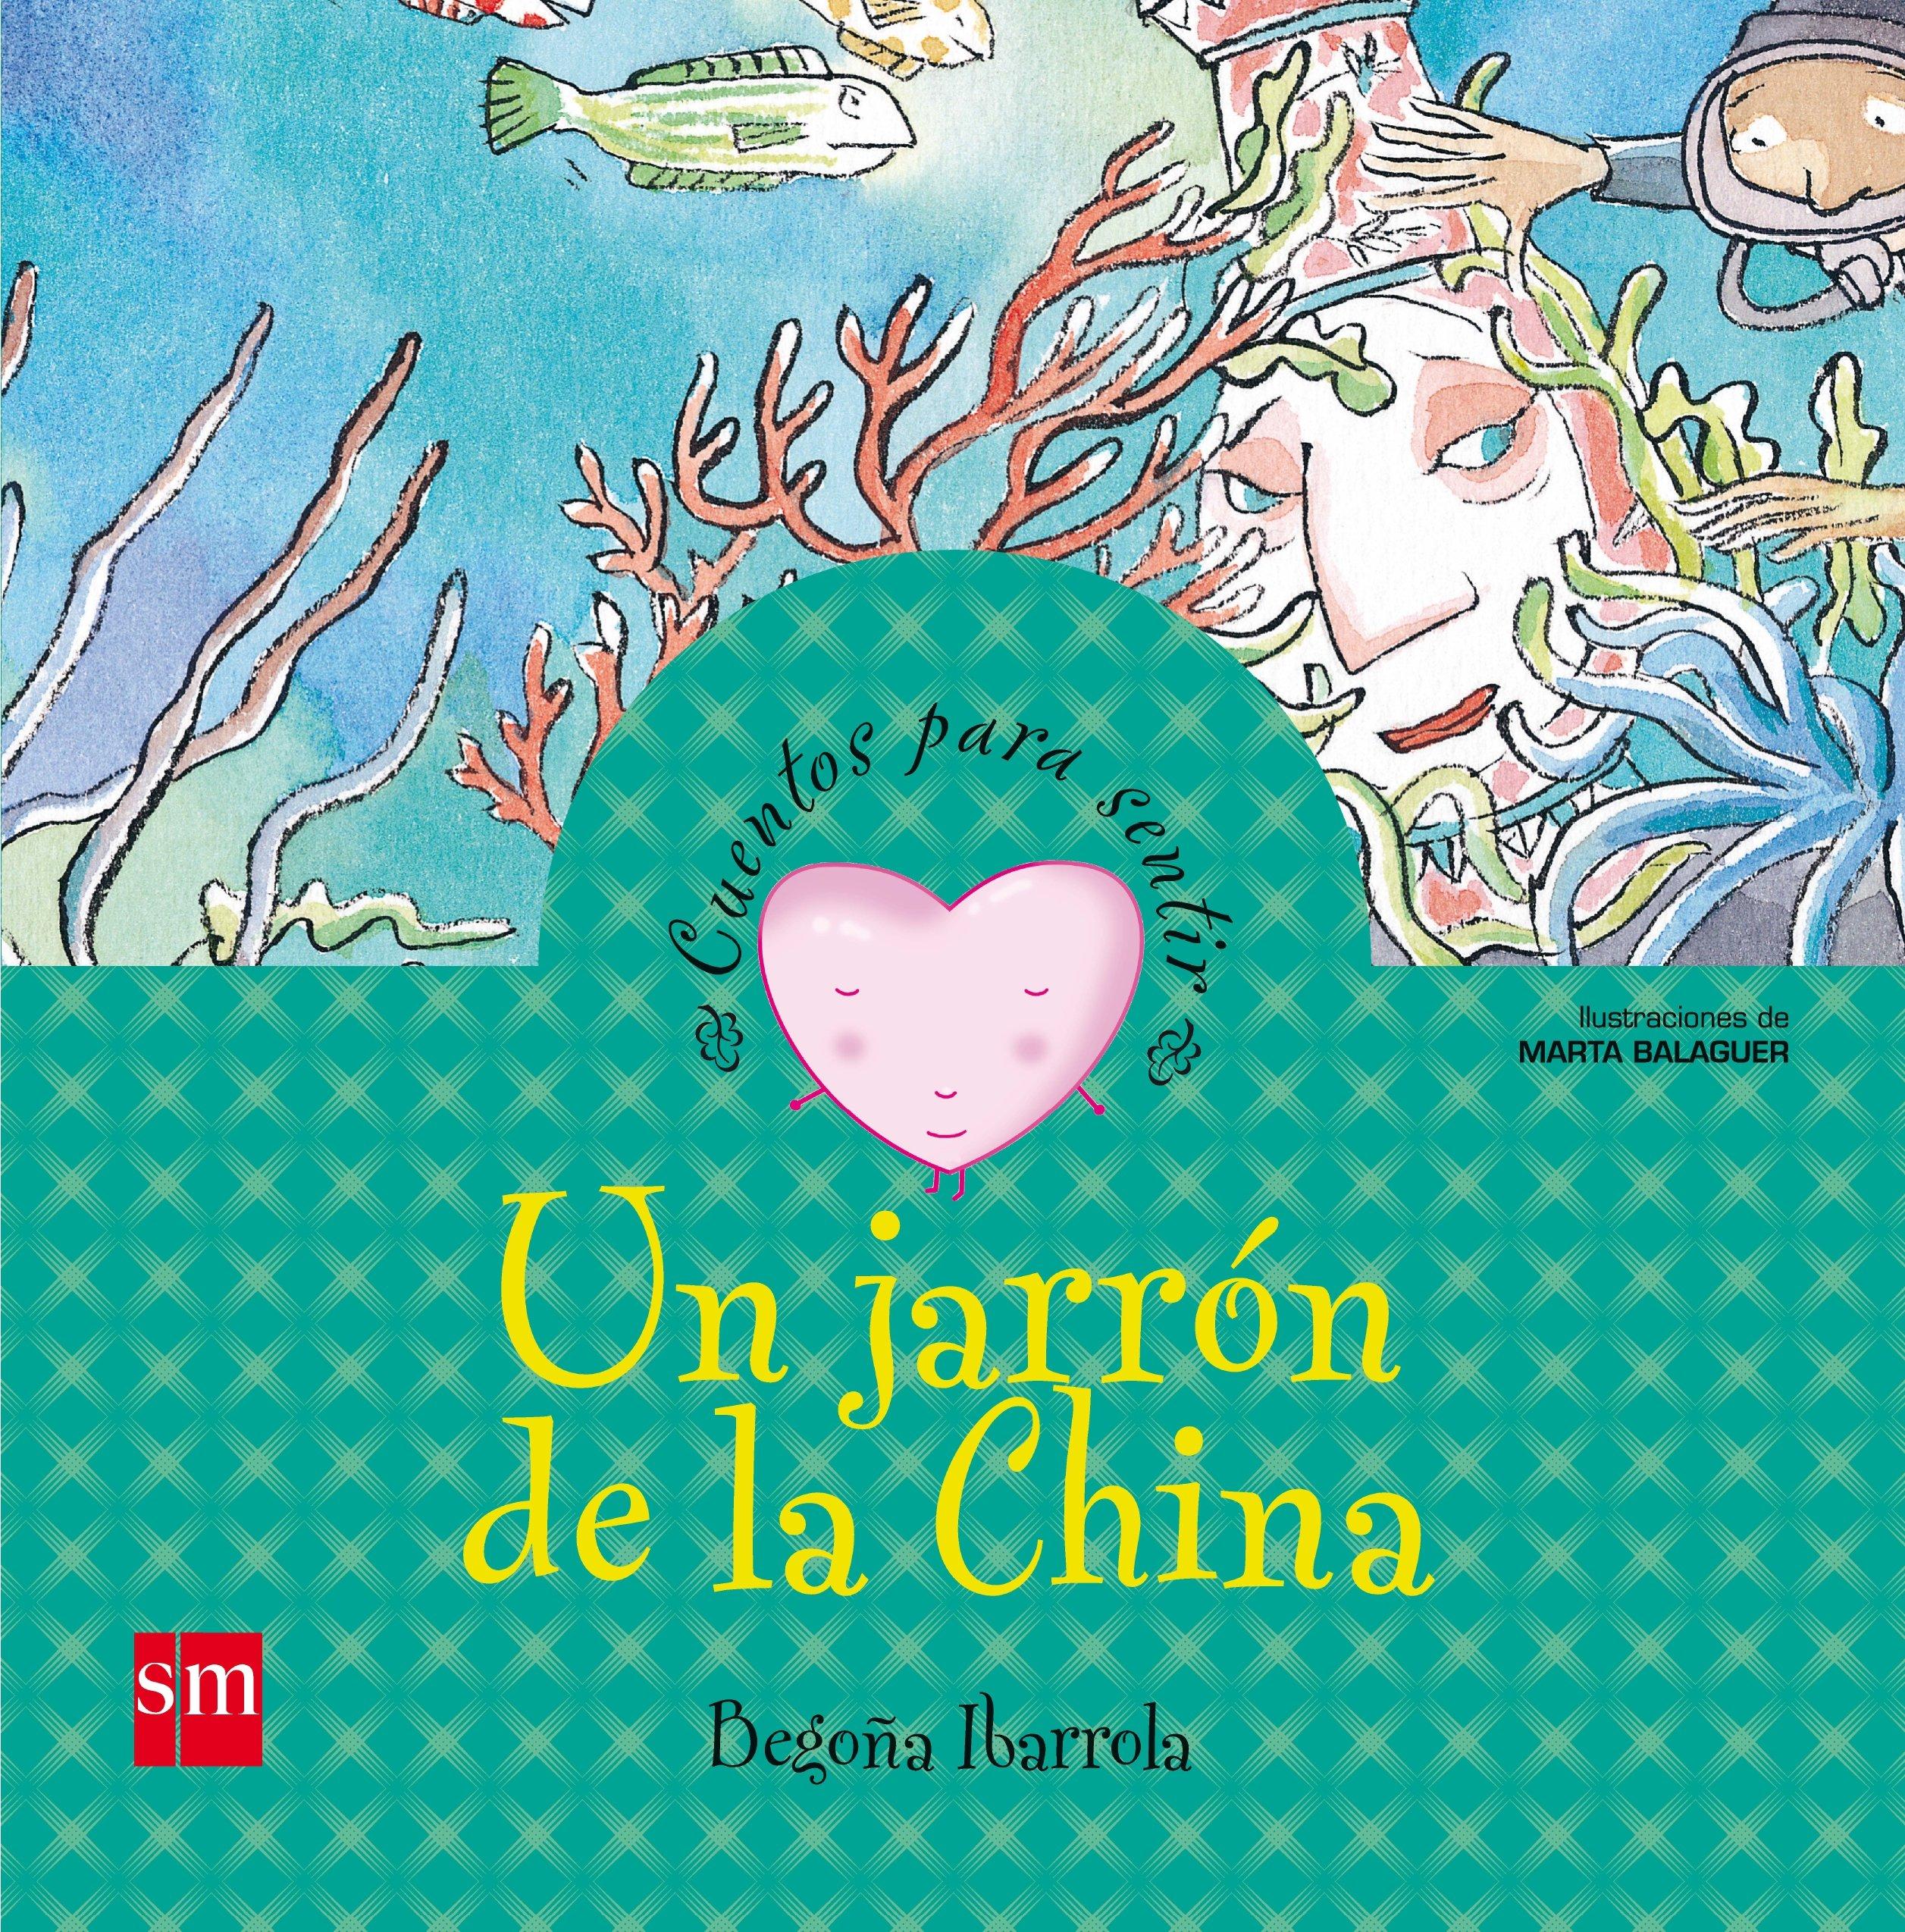 Un jarrón de la China: un cuento sobre el miedo (Cuentos para sentir)